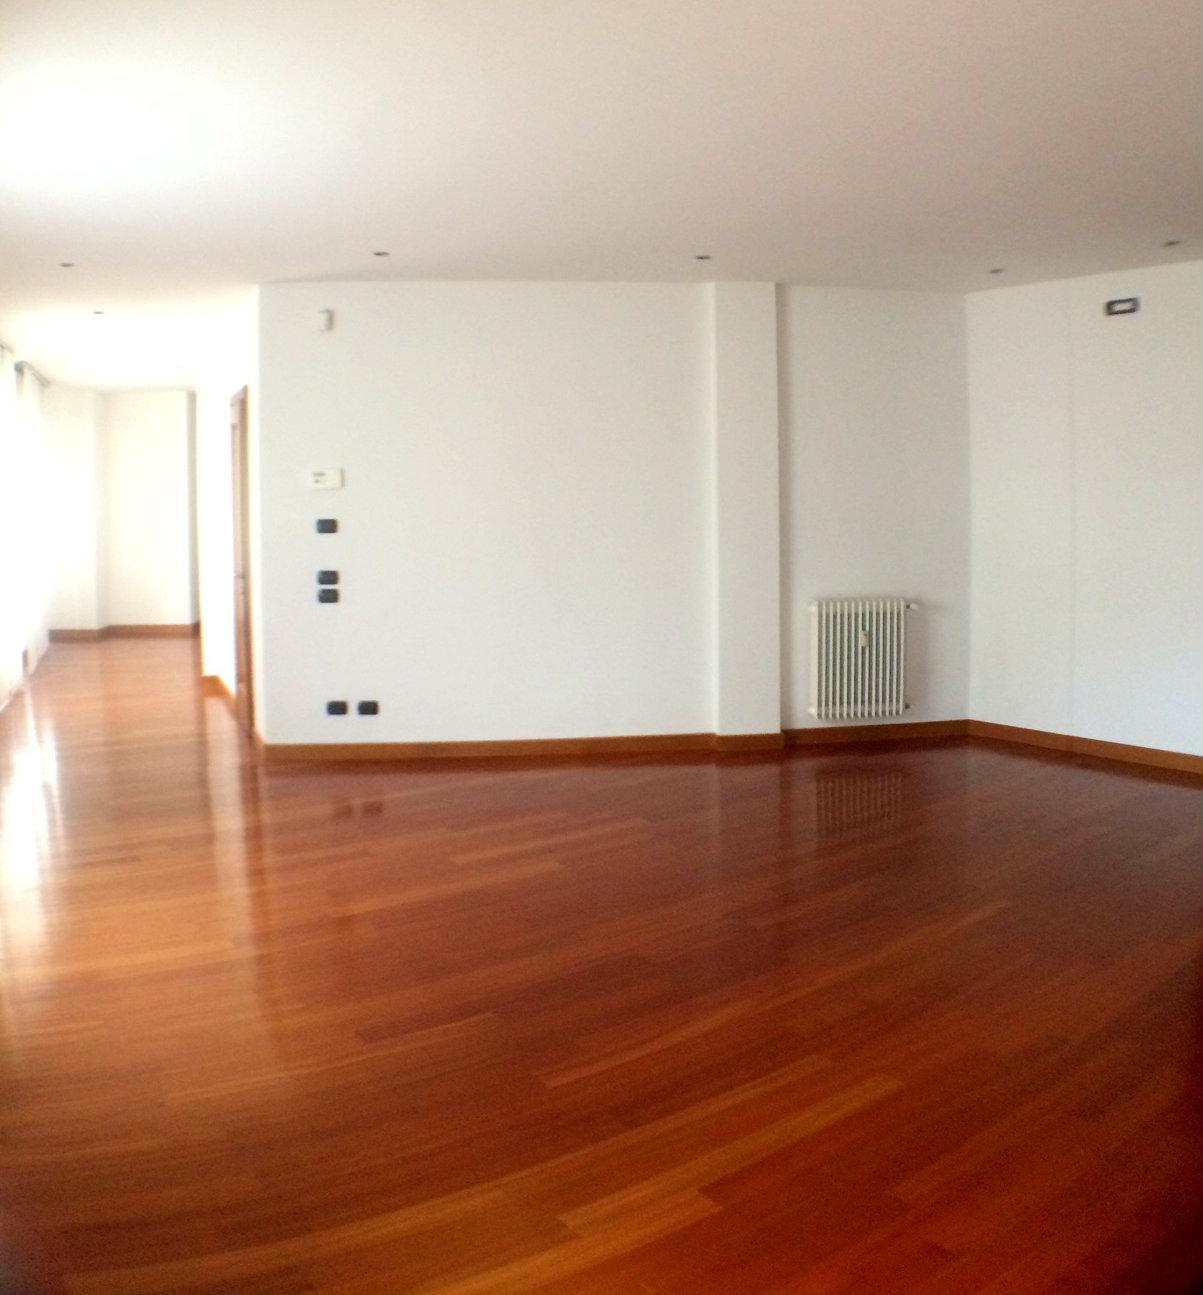 Appartamento in affitto a Treviso, 6 locali, zona Località: Centrostorico, prezzo € 1.200 | CambioCasa.it